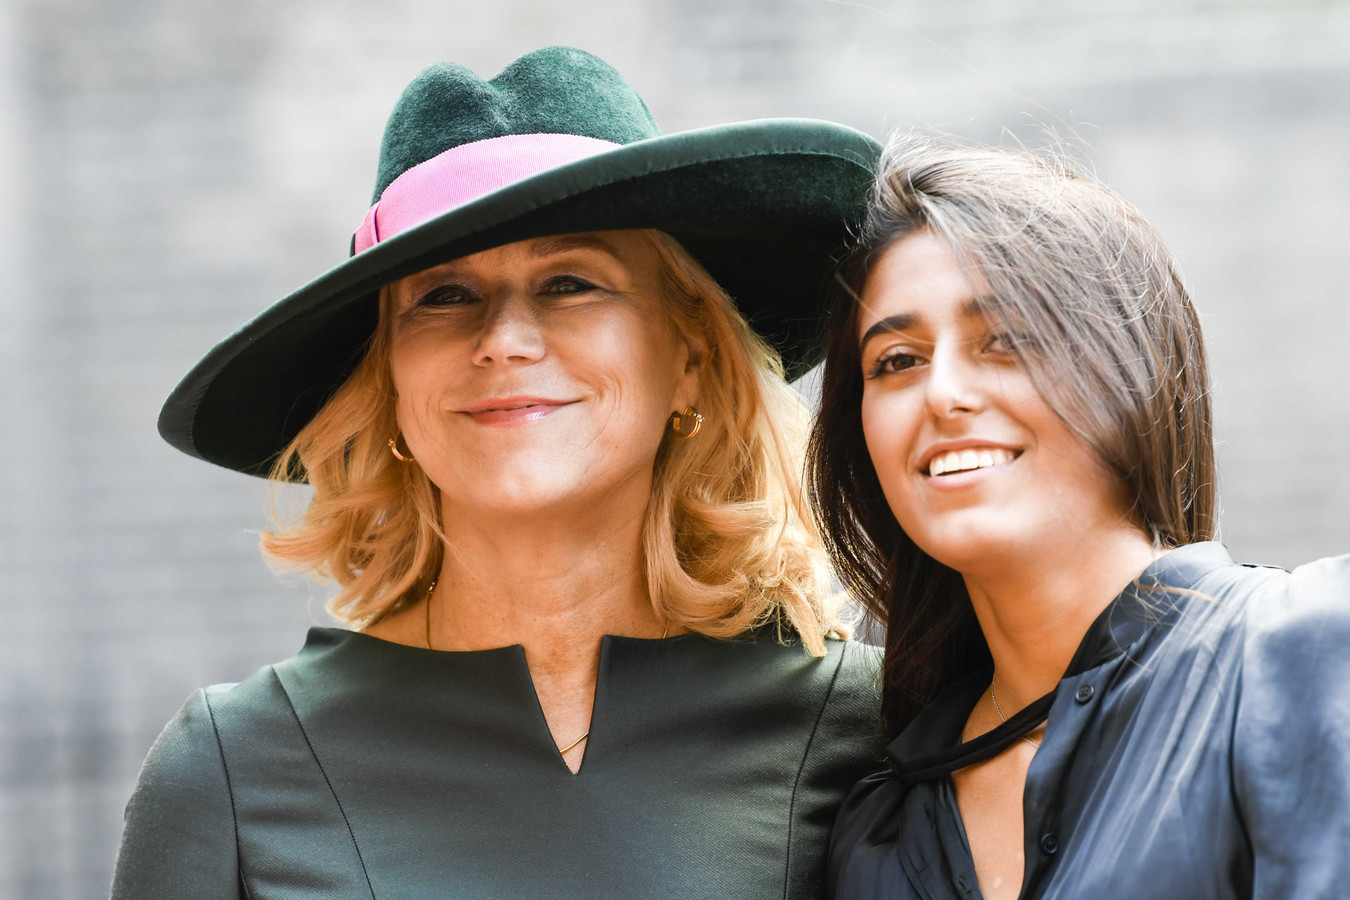 Sigrid Kaag (Buitenlandse Handel en Ontwikkelingssamenwerking) arriveert met haar jongste dochter bij de Ridderzaal op Prinsjesdag.